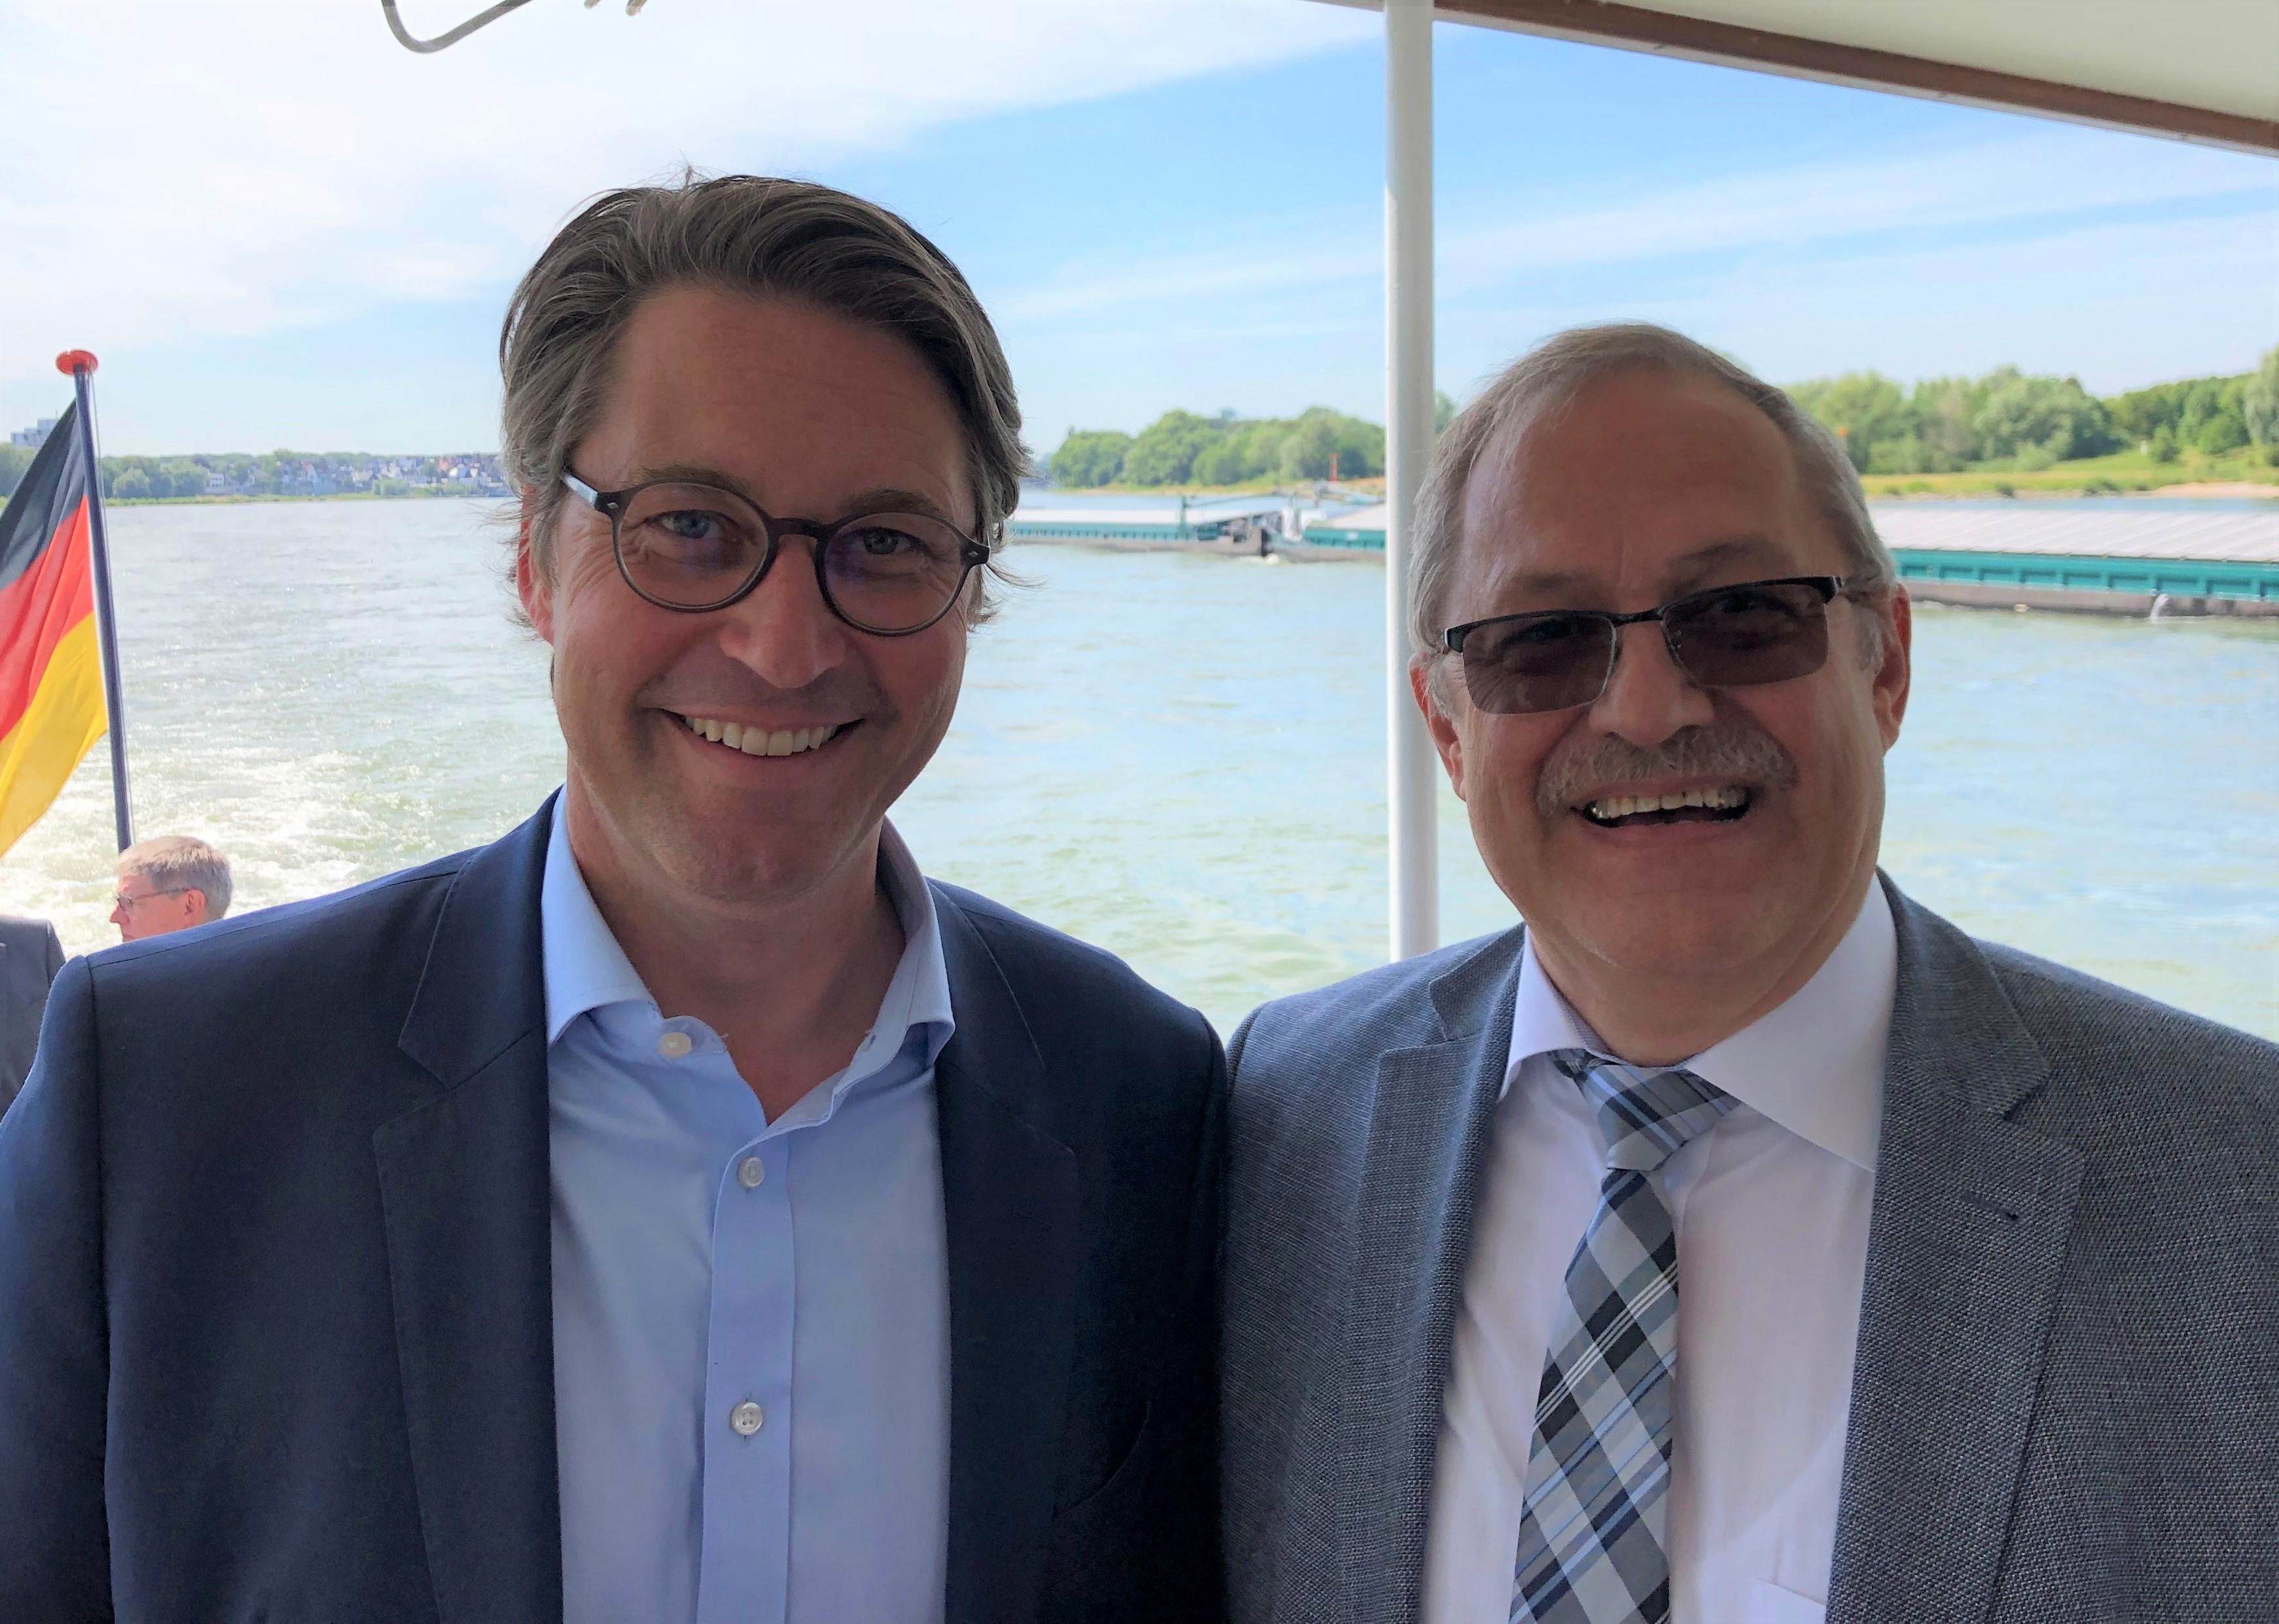 BM Scheuer und Dr. Hagenguth (G.H.)